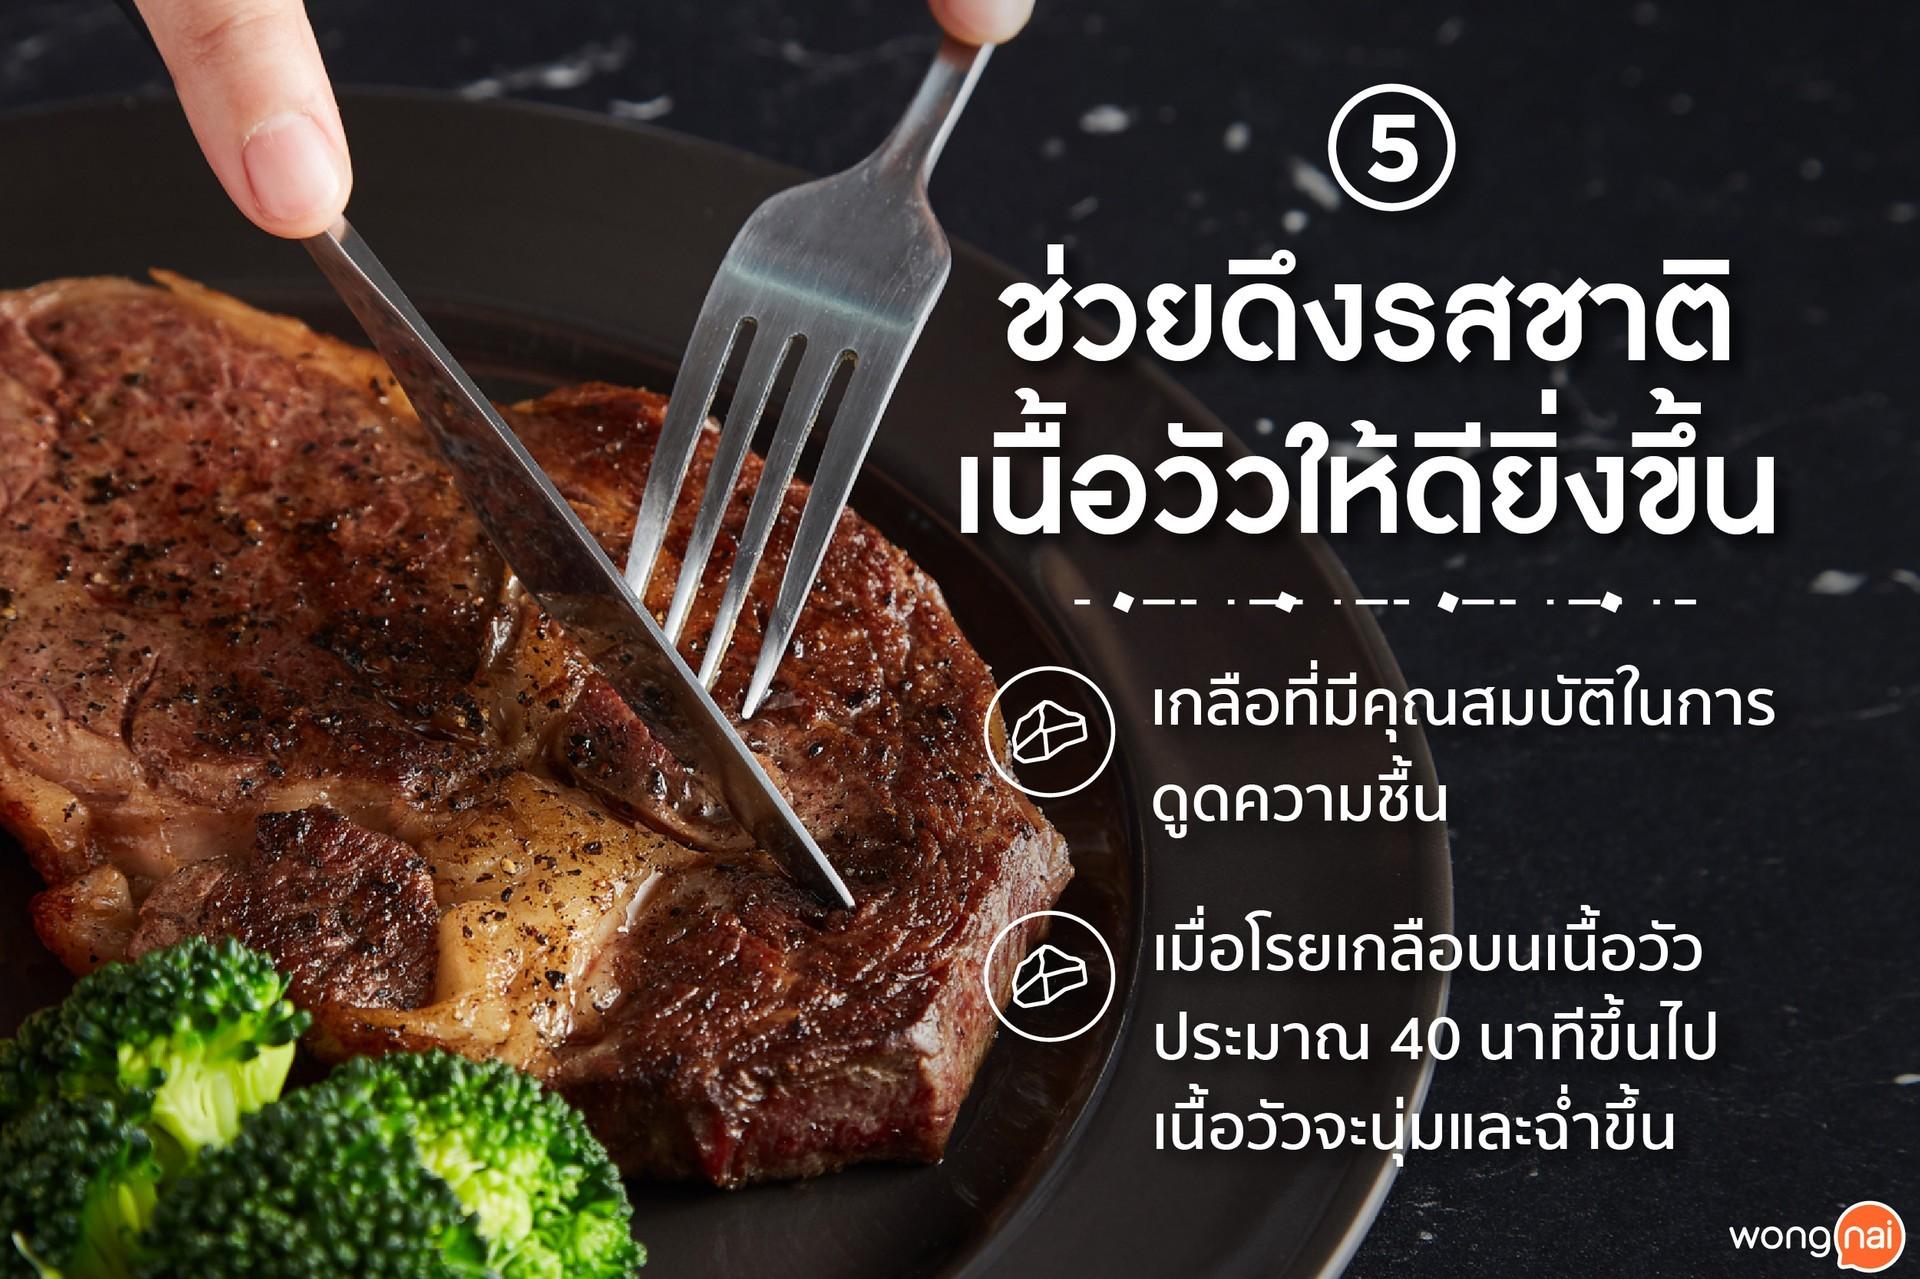 เกลือช่วยดึงรสชาติของเนื้อวัวให้ได้รสชาติดียิ่งขึ้น